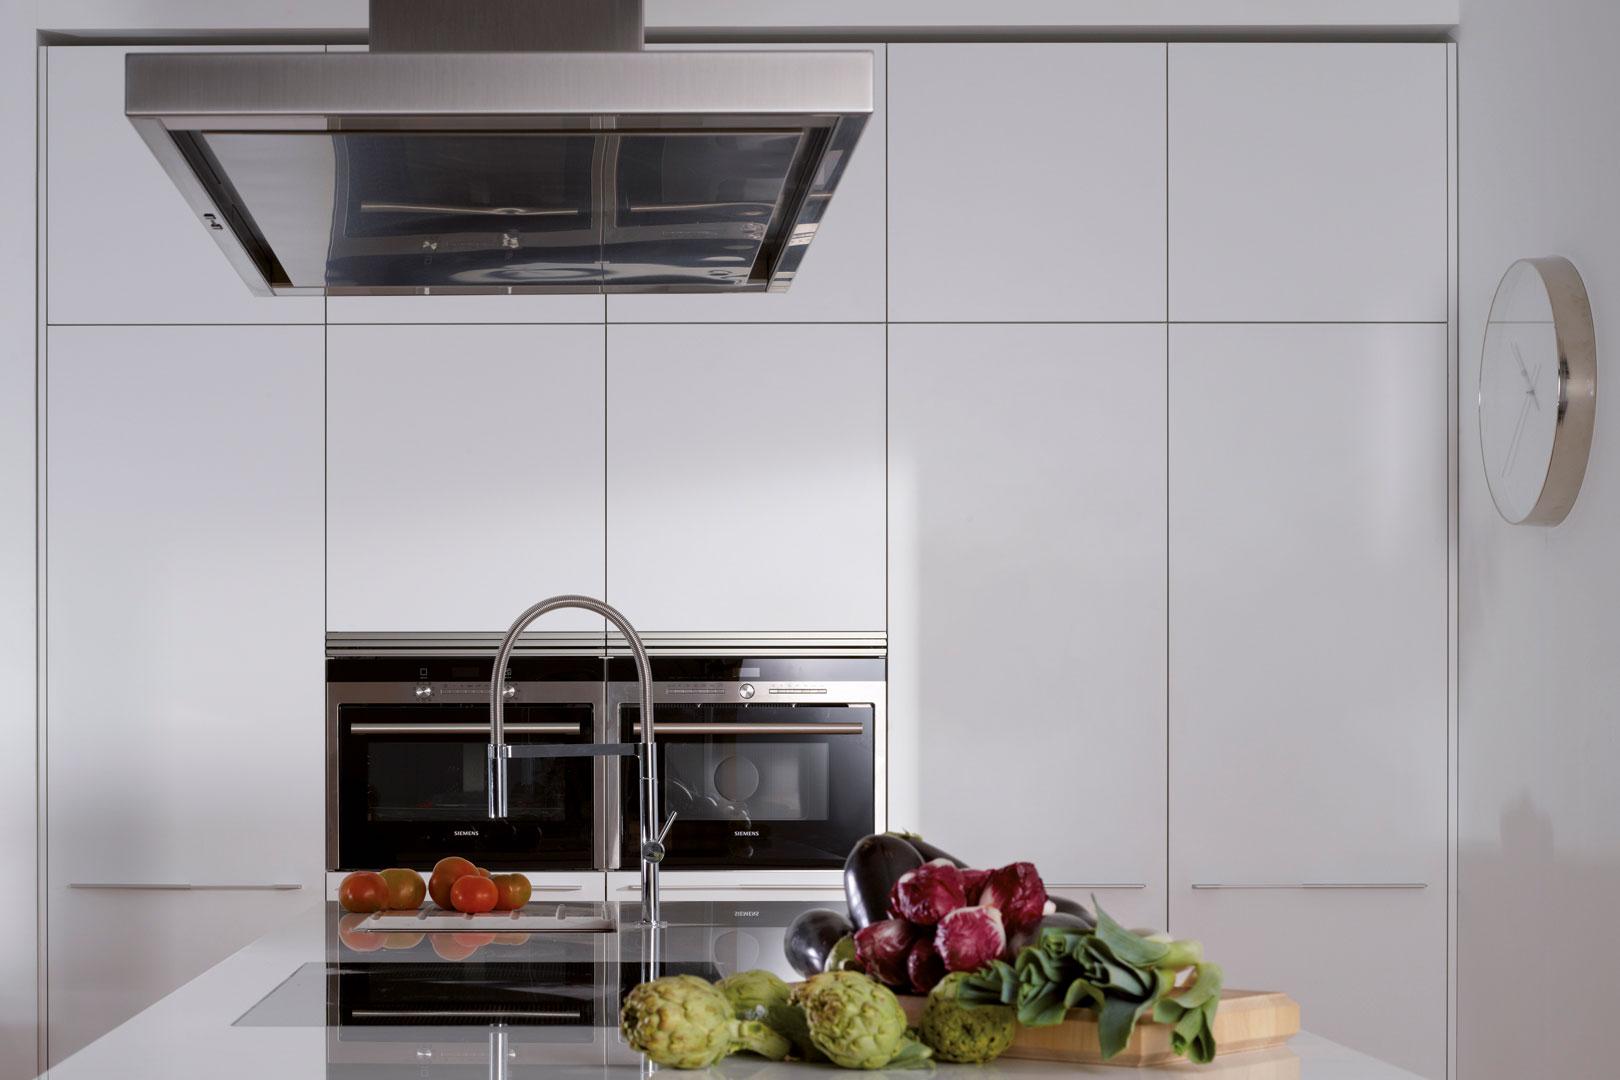 Electrodomésticos integrados: espacios limpios y armónicos | INTRA-L | Cocinas Santos | Santiago Interiores